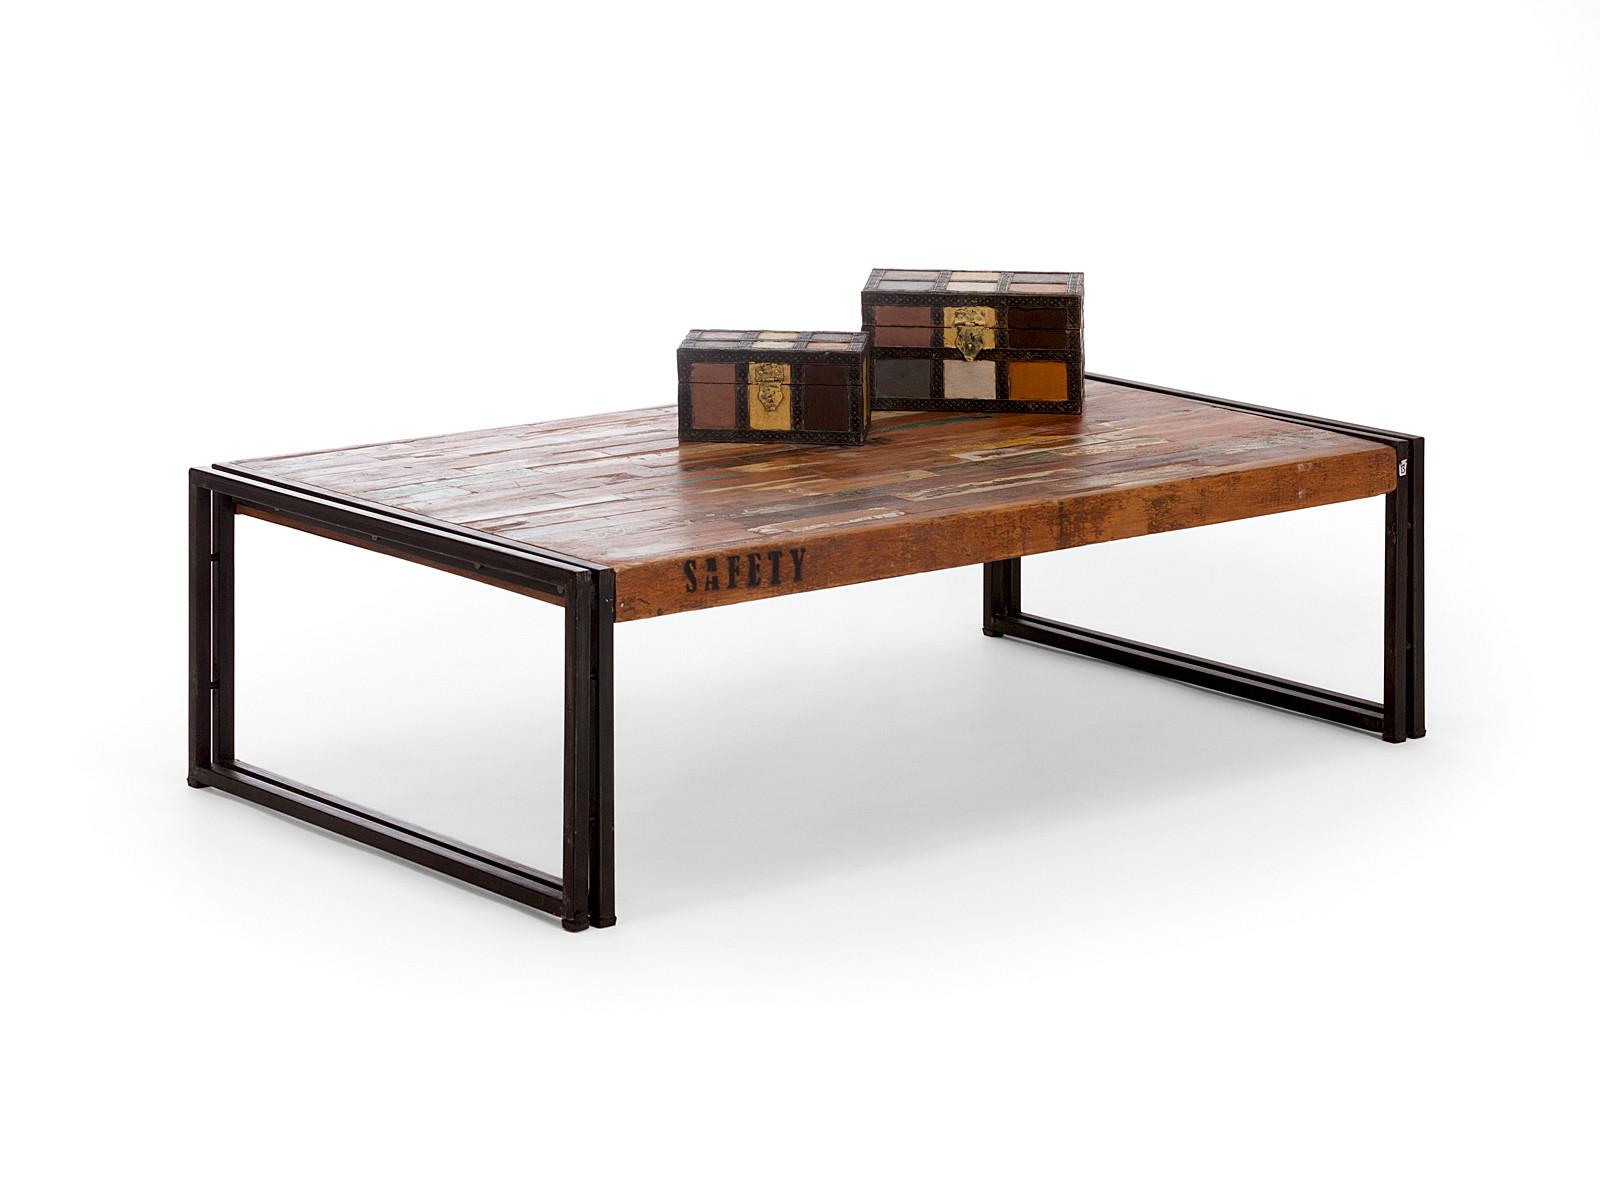 industrial m bel couchtisch mit shabby look akzenten versandkostenfreie m bel. Black Bedroom Furniture Sets. Home Design Ideas